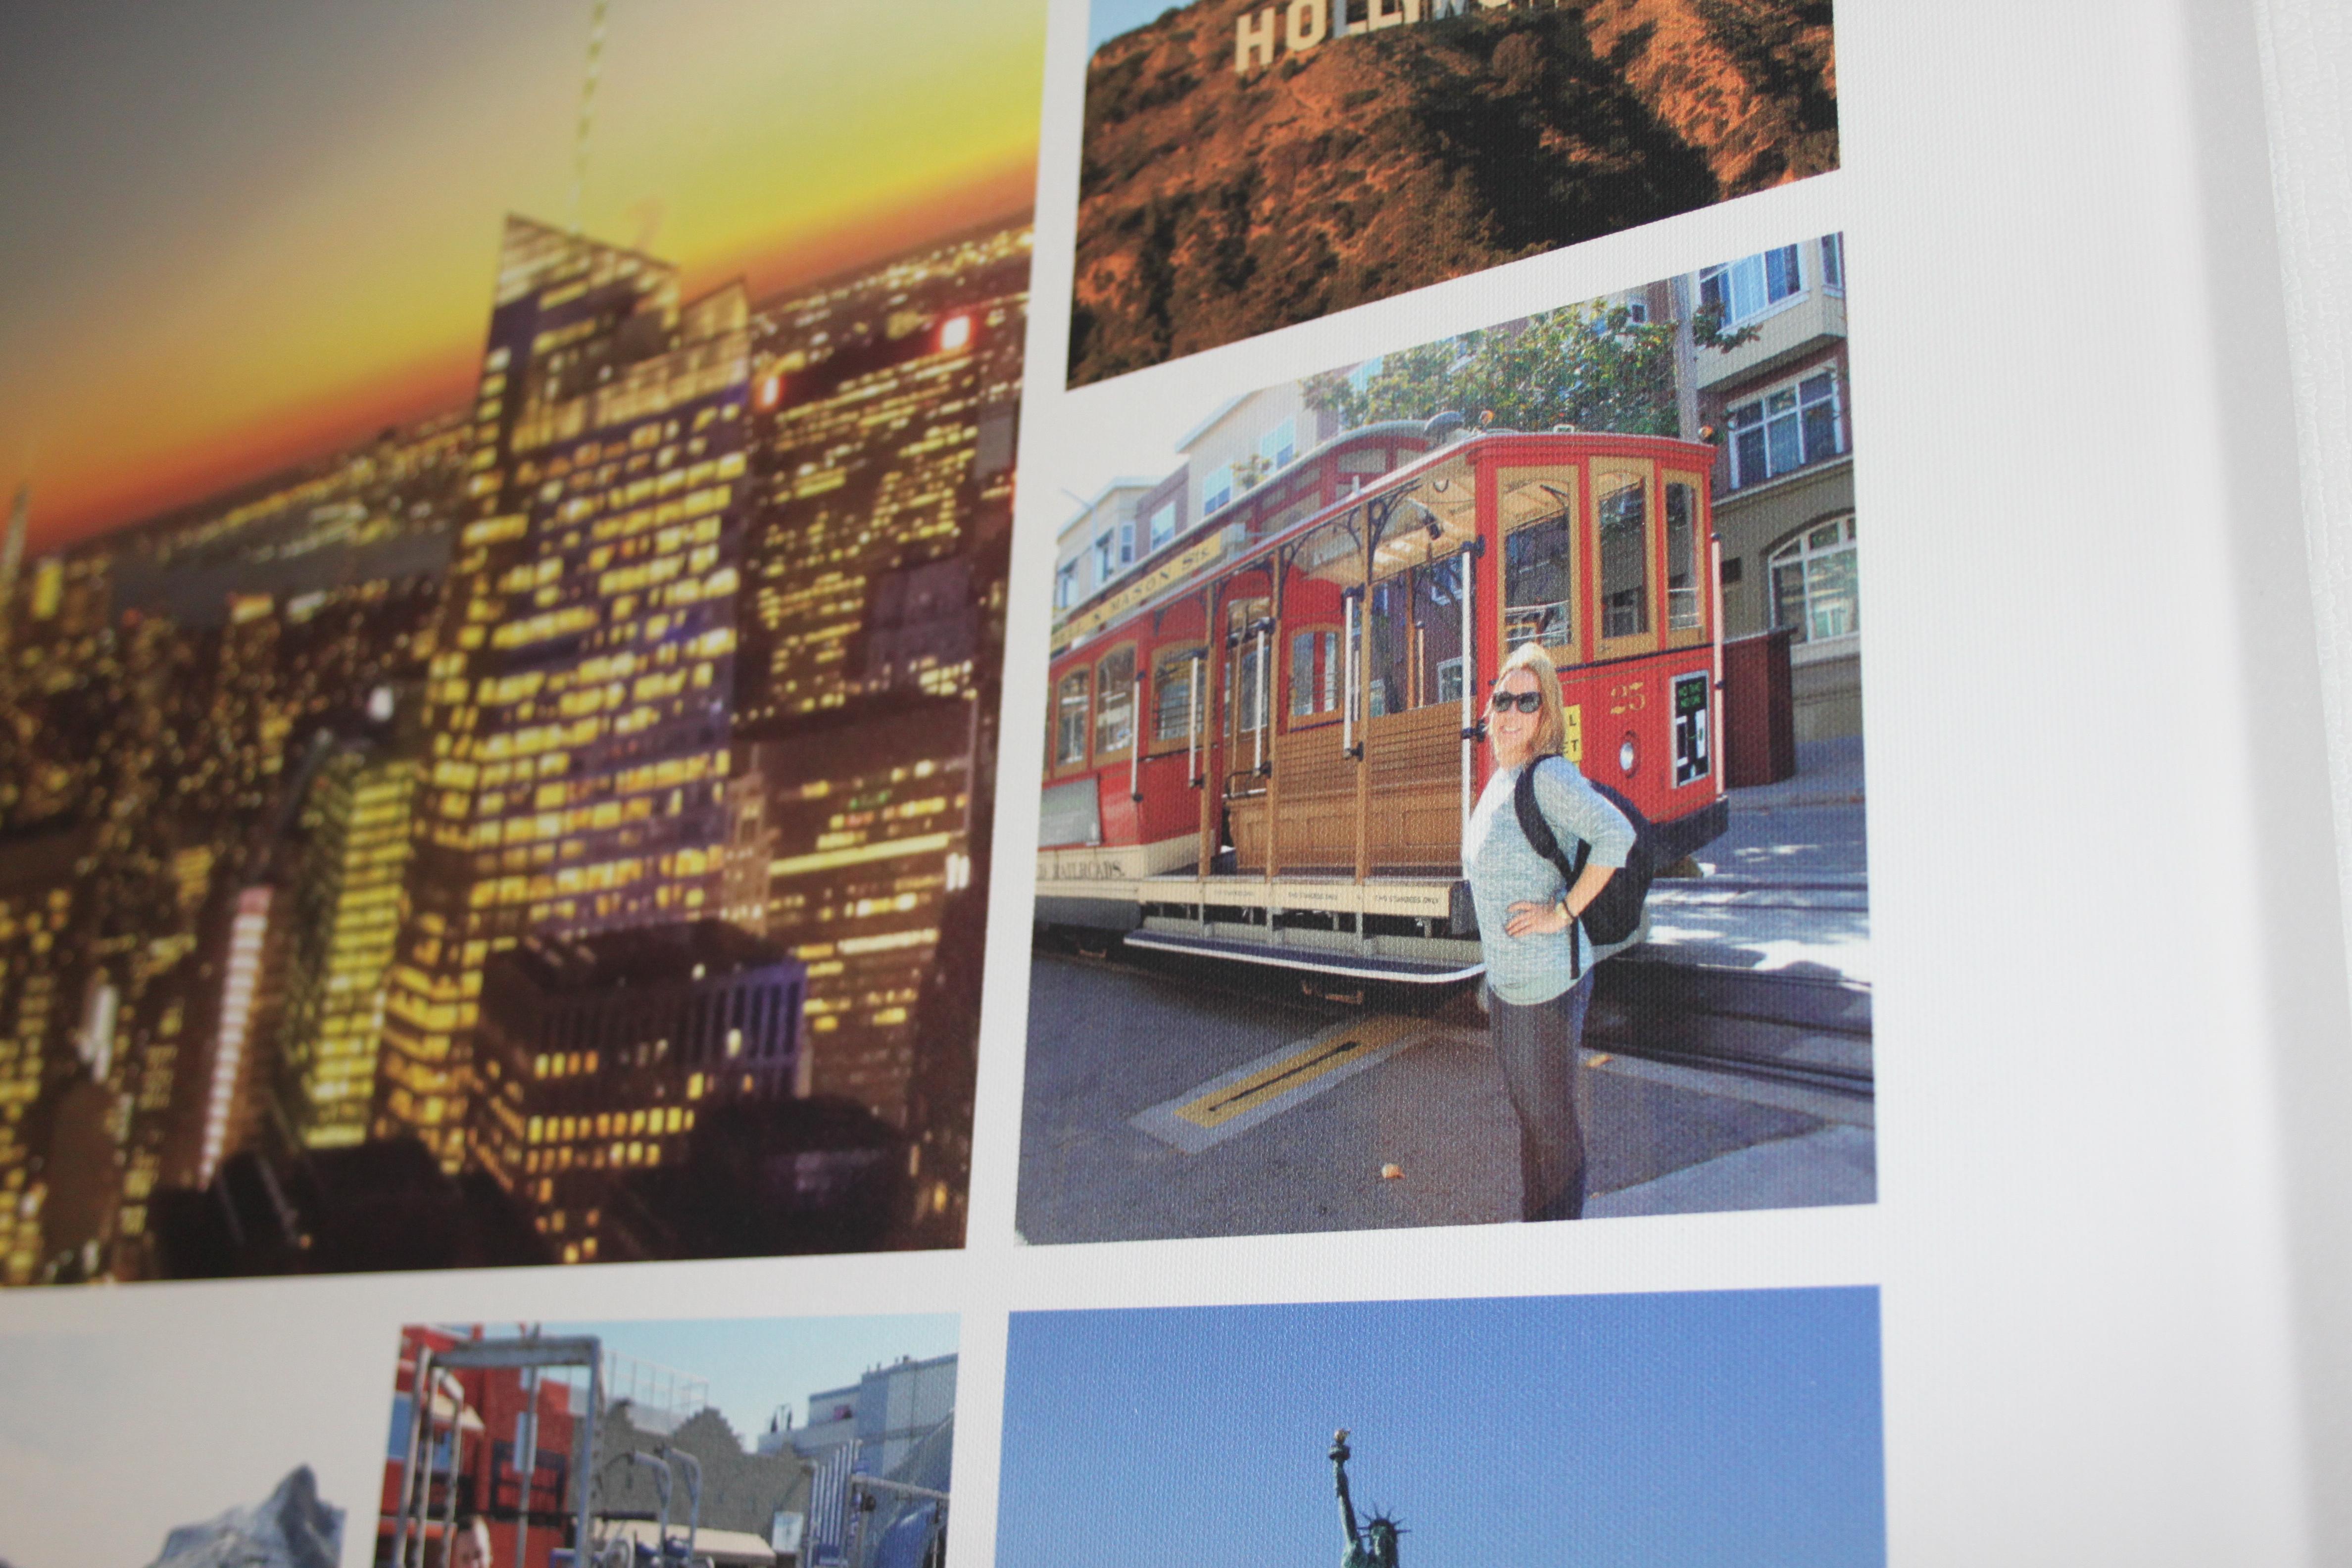 Foto-Leinwand Deluxe von smartphoto - Leinwand Details